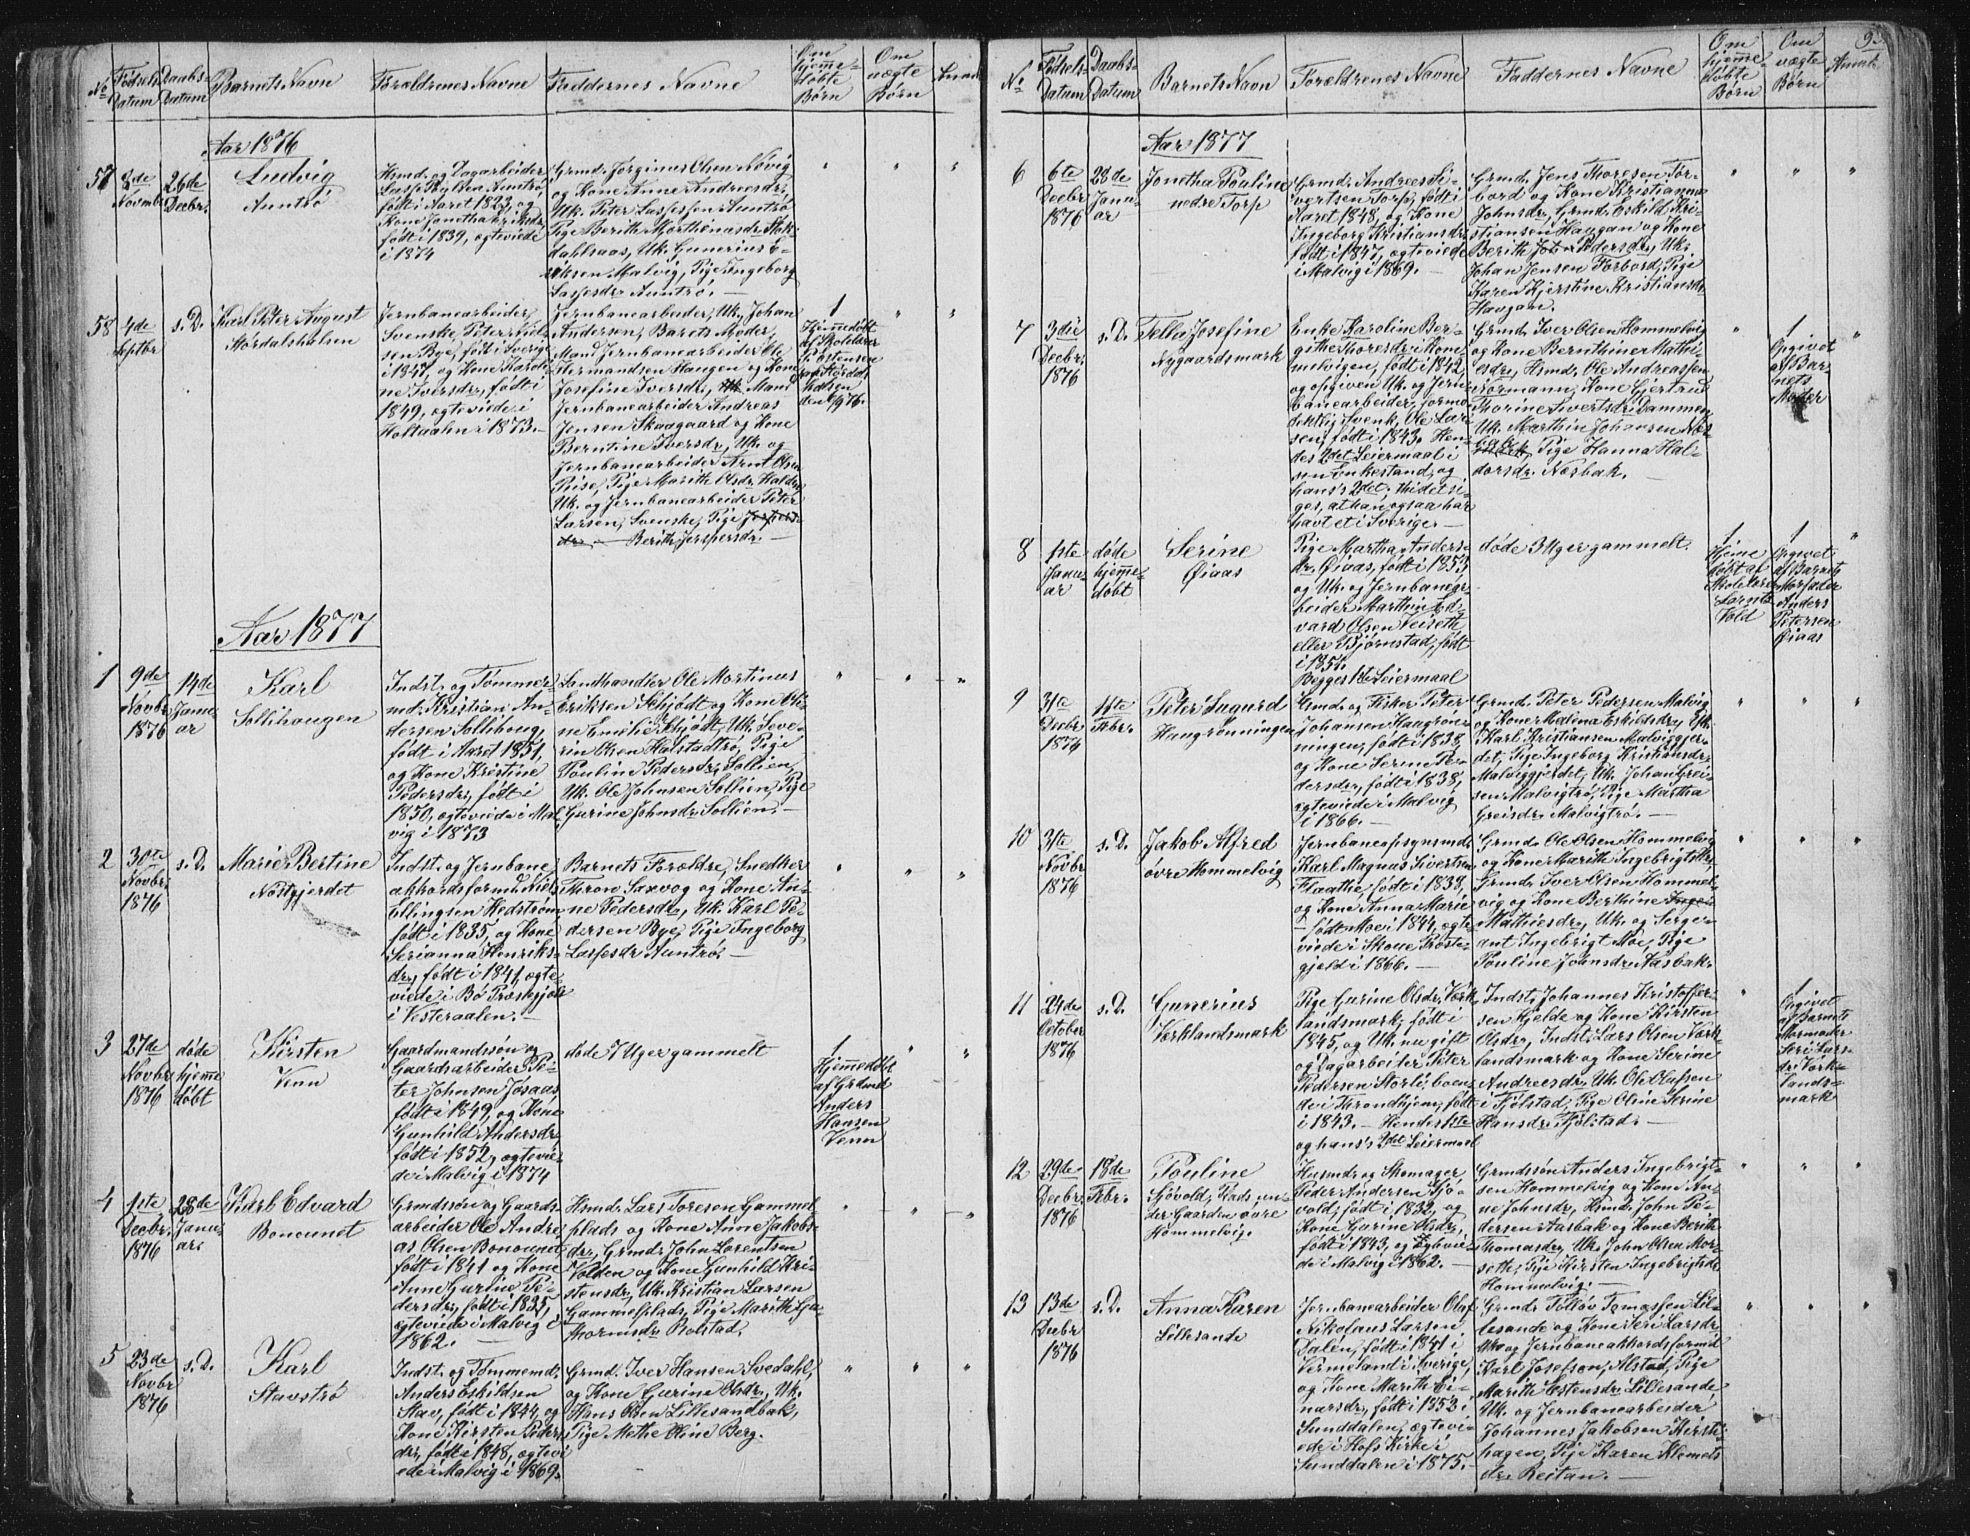 SAT, Ministerialprotokoller, klokkerbøker og fødselsregistre - Sør-Trøndelag, 616/L0406: Ministerialbok nr. 616A03, 1843-1879, s. 93